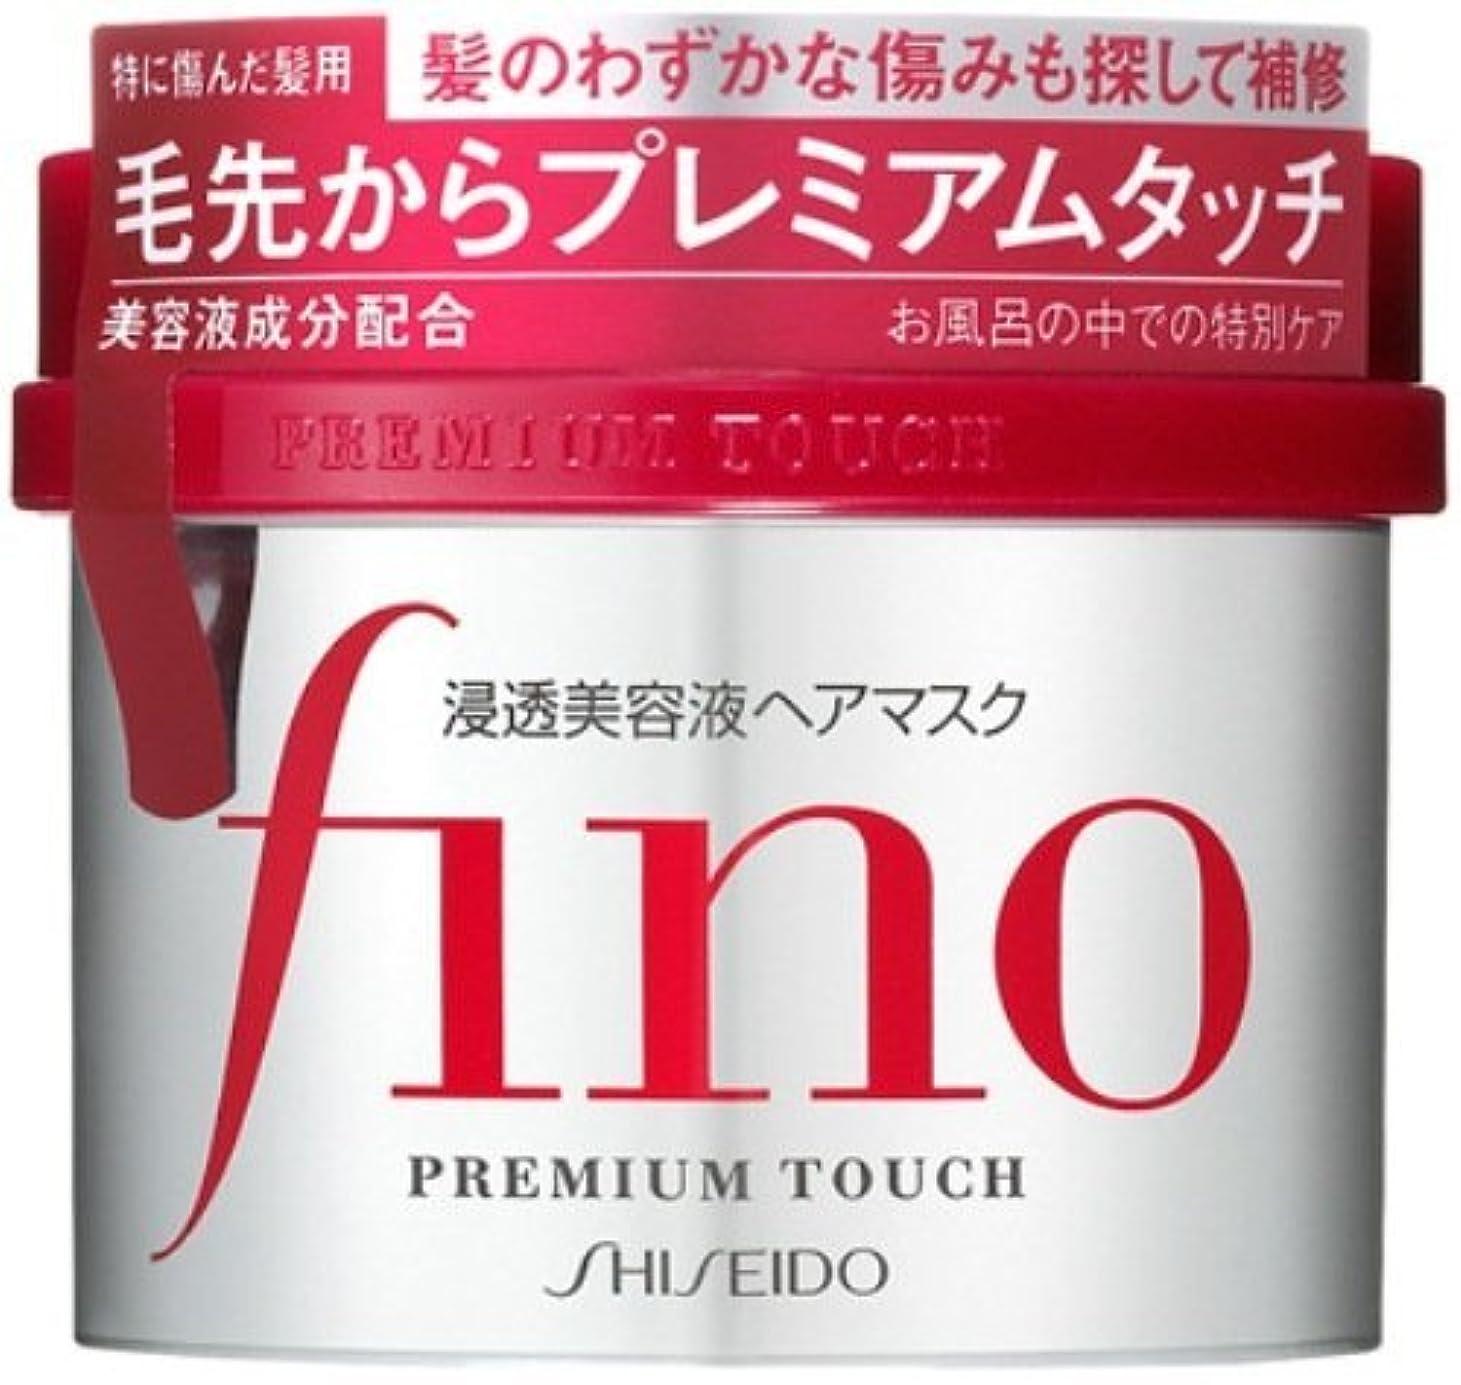 トランスペアレントモート入学するフィーノ浸透美容液ヘアマスク230G × 10個セット